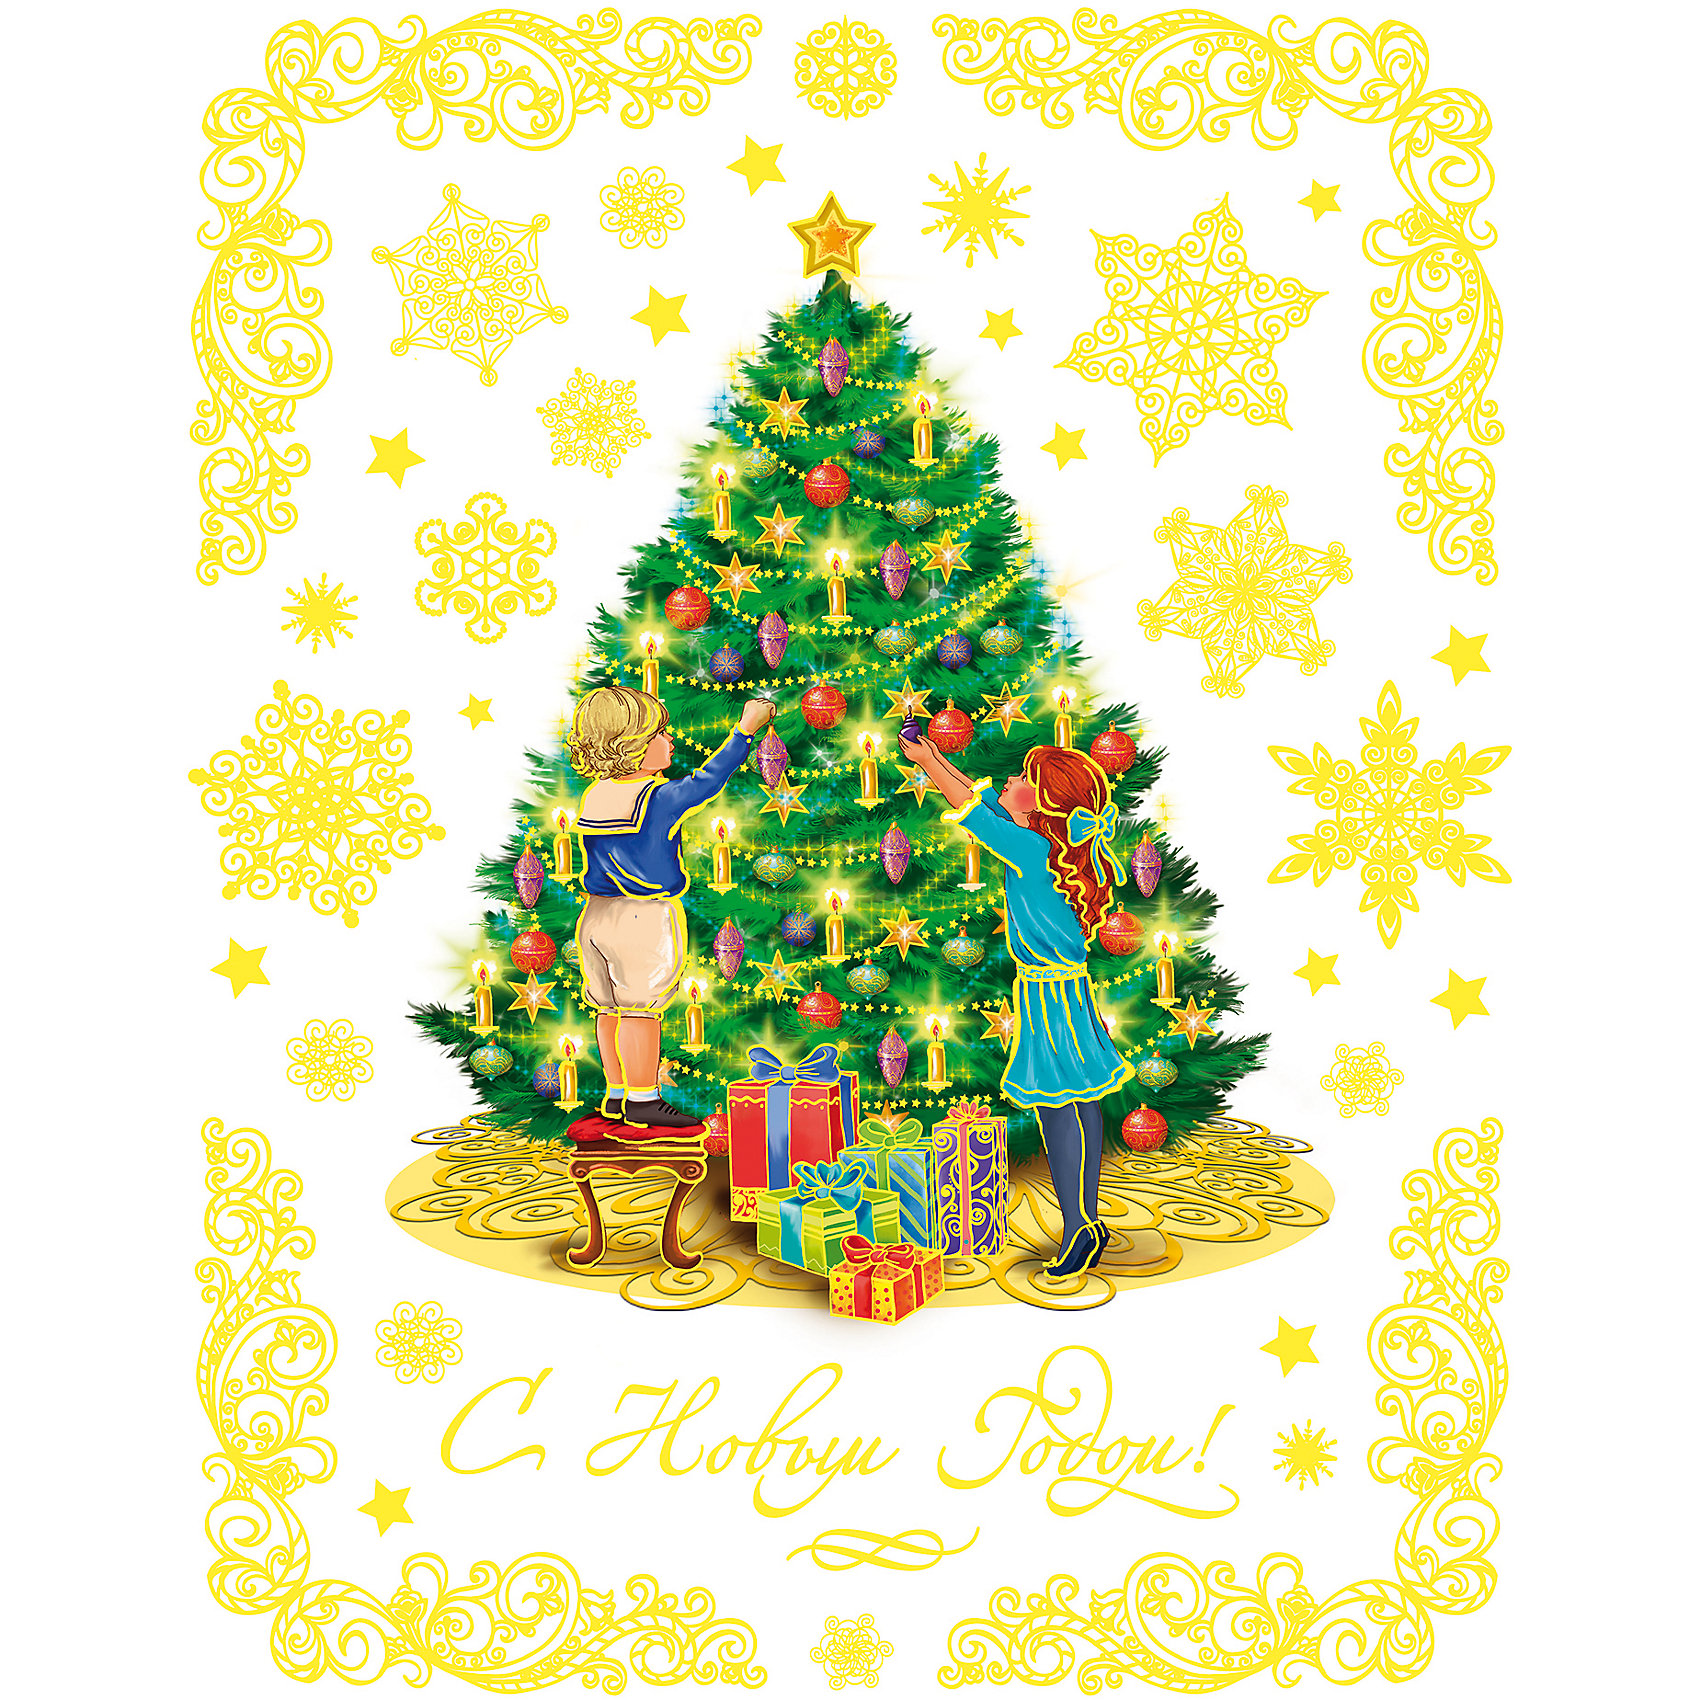 Новогоднее оконное украшение Дети у елки (30*38 см из ПВХ пленки)Всё для праздника<br>Новогоднее оконное украш. арт.34333/72 Дети у елки (30*38 см, из ПВХ пленки, декорировано глиттером; крепится к гладкой поверхности стекла посредством статического эффекта) арт.34333<br><br>Ширина мм: 300<br>Глубина мм: 380<br>Высота мм: 1<br>Вес г: 73<br>Возраст от месяцев: 60<br>Возраст до месяцев: 600<br>Пол: Унисекс<br>Возраст: Детский<br>SKU: 5144648